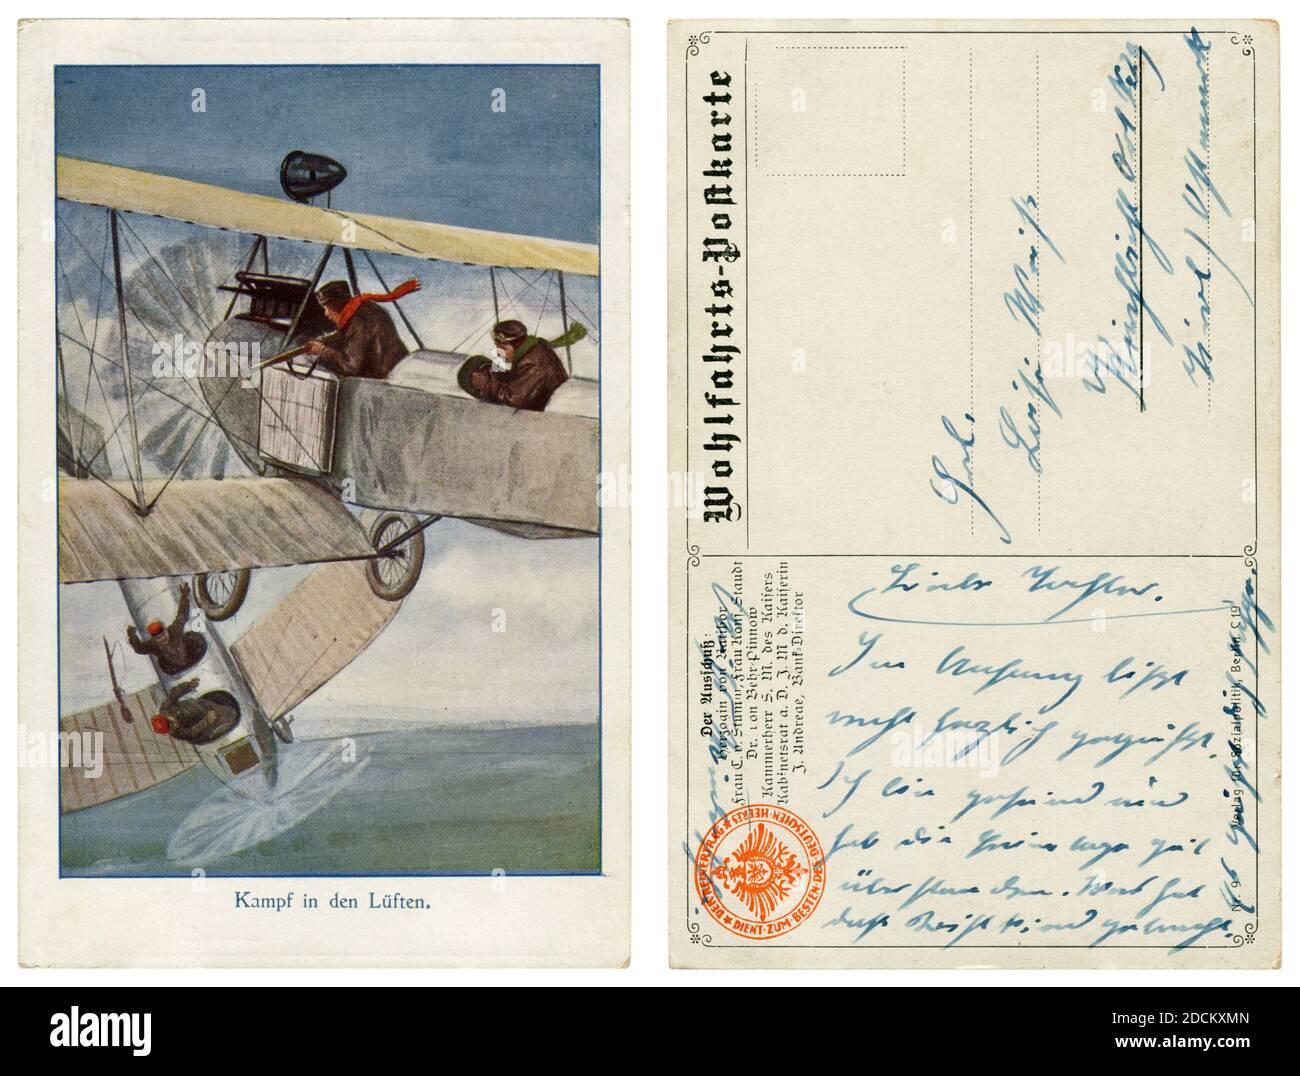 Carte postale historique allemande: Combat dans les airs à l'aube de l'aviation: Pilotes de duel de fusil de deux avions, le pilote de l'avion ennemi a été tué, la première guerre mondiale Banque D'Images